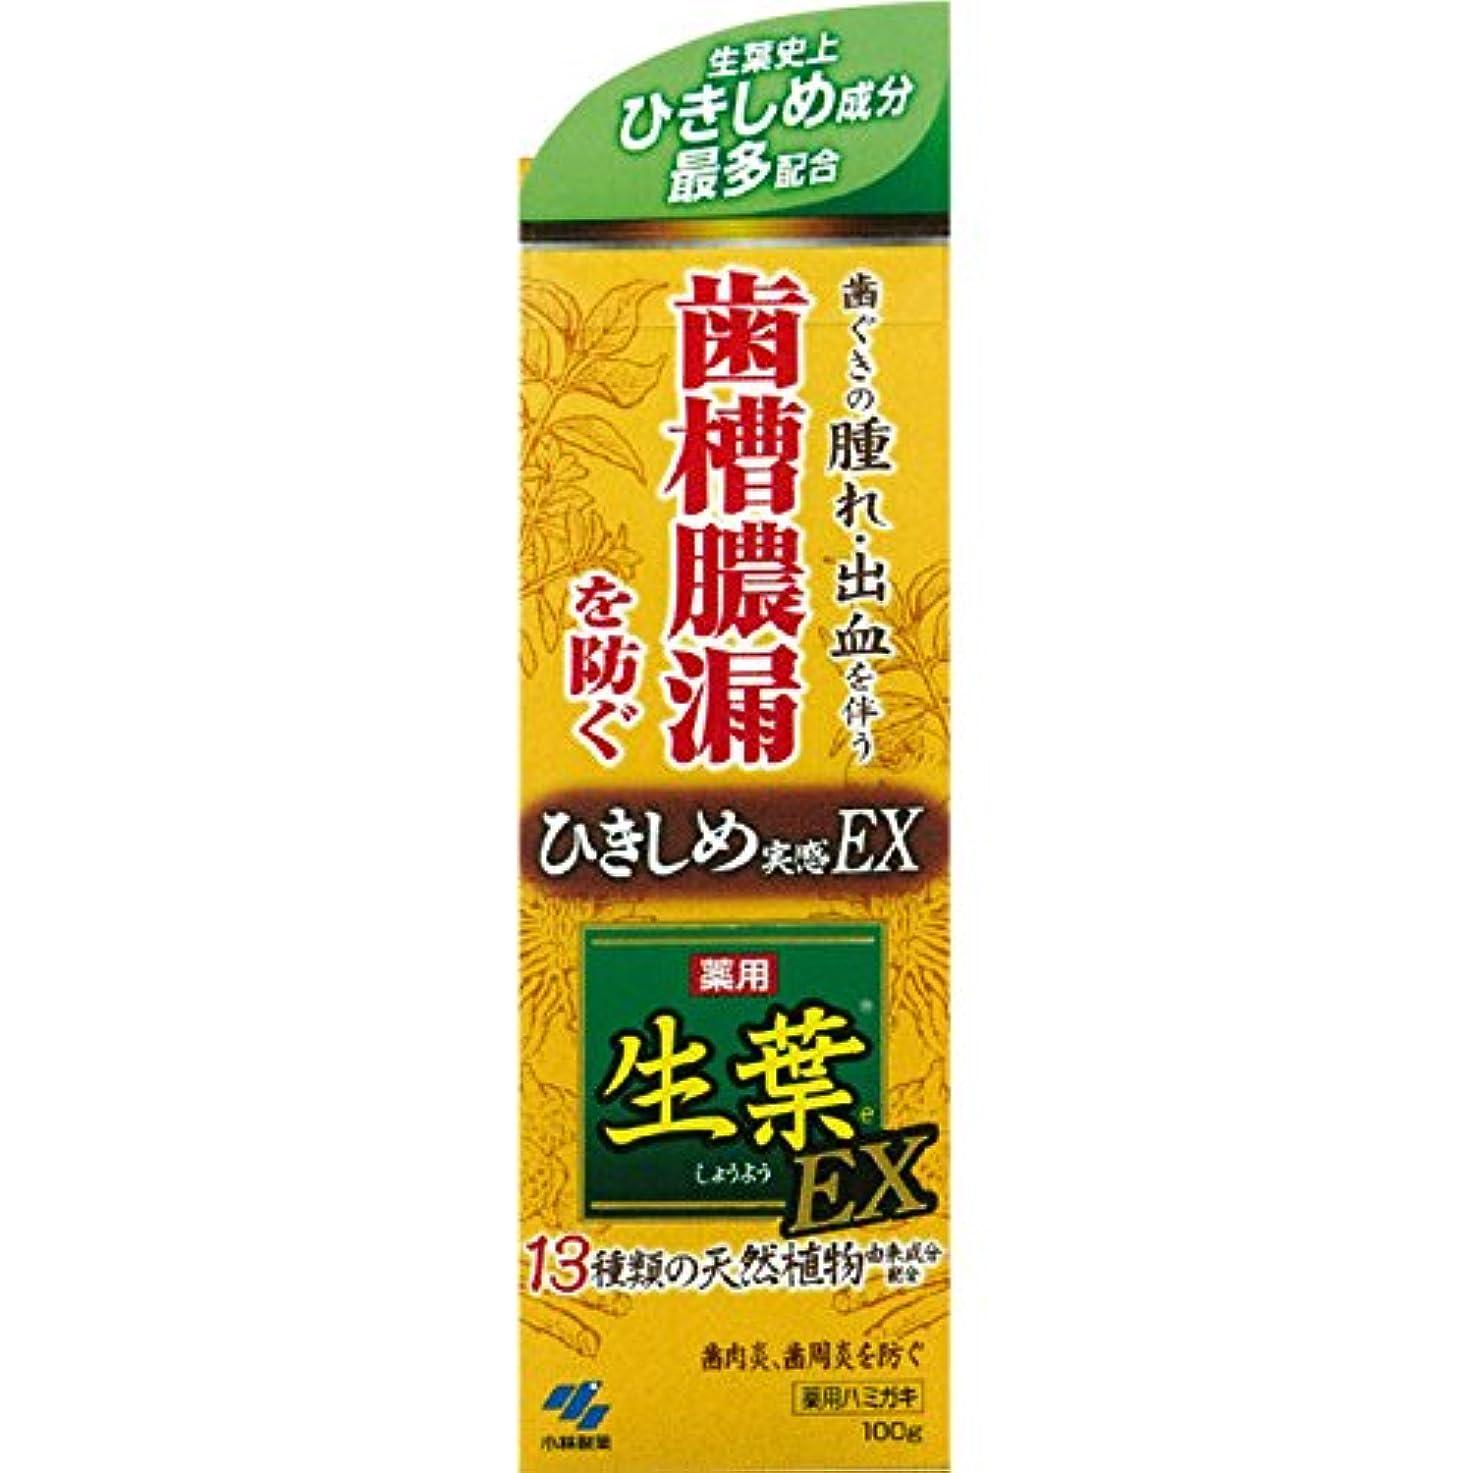 鎮静剤権限を与えるキラウエア山生葉EX 100g x5個セット